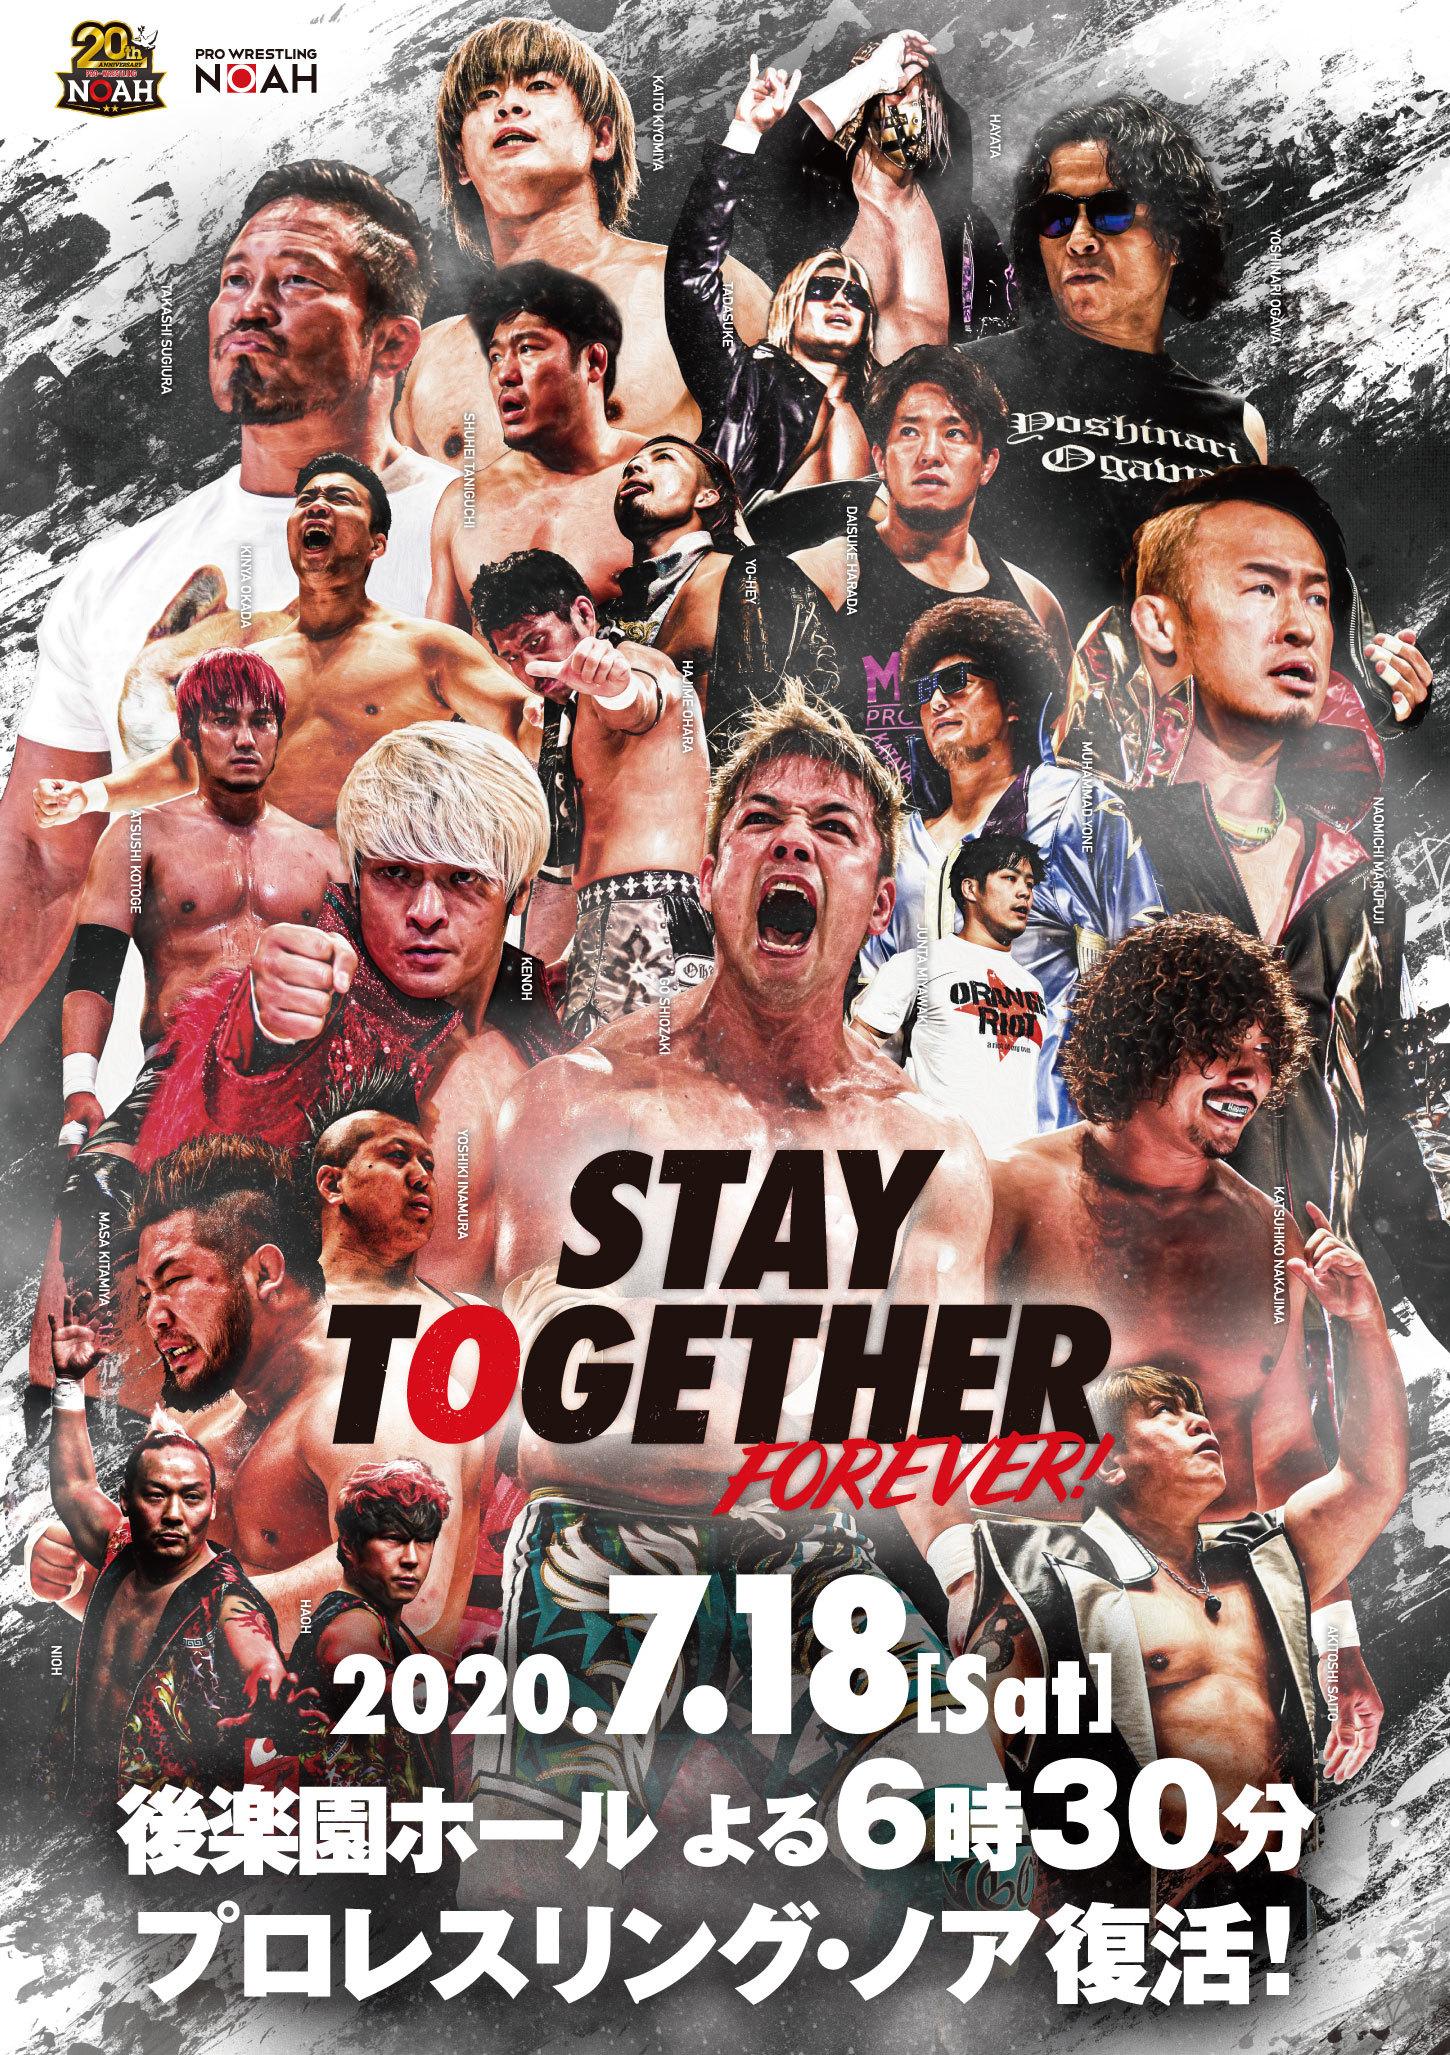 7月18日(土)から2日間にわたって開催される『STAY TOGETHER FOREVER!』